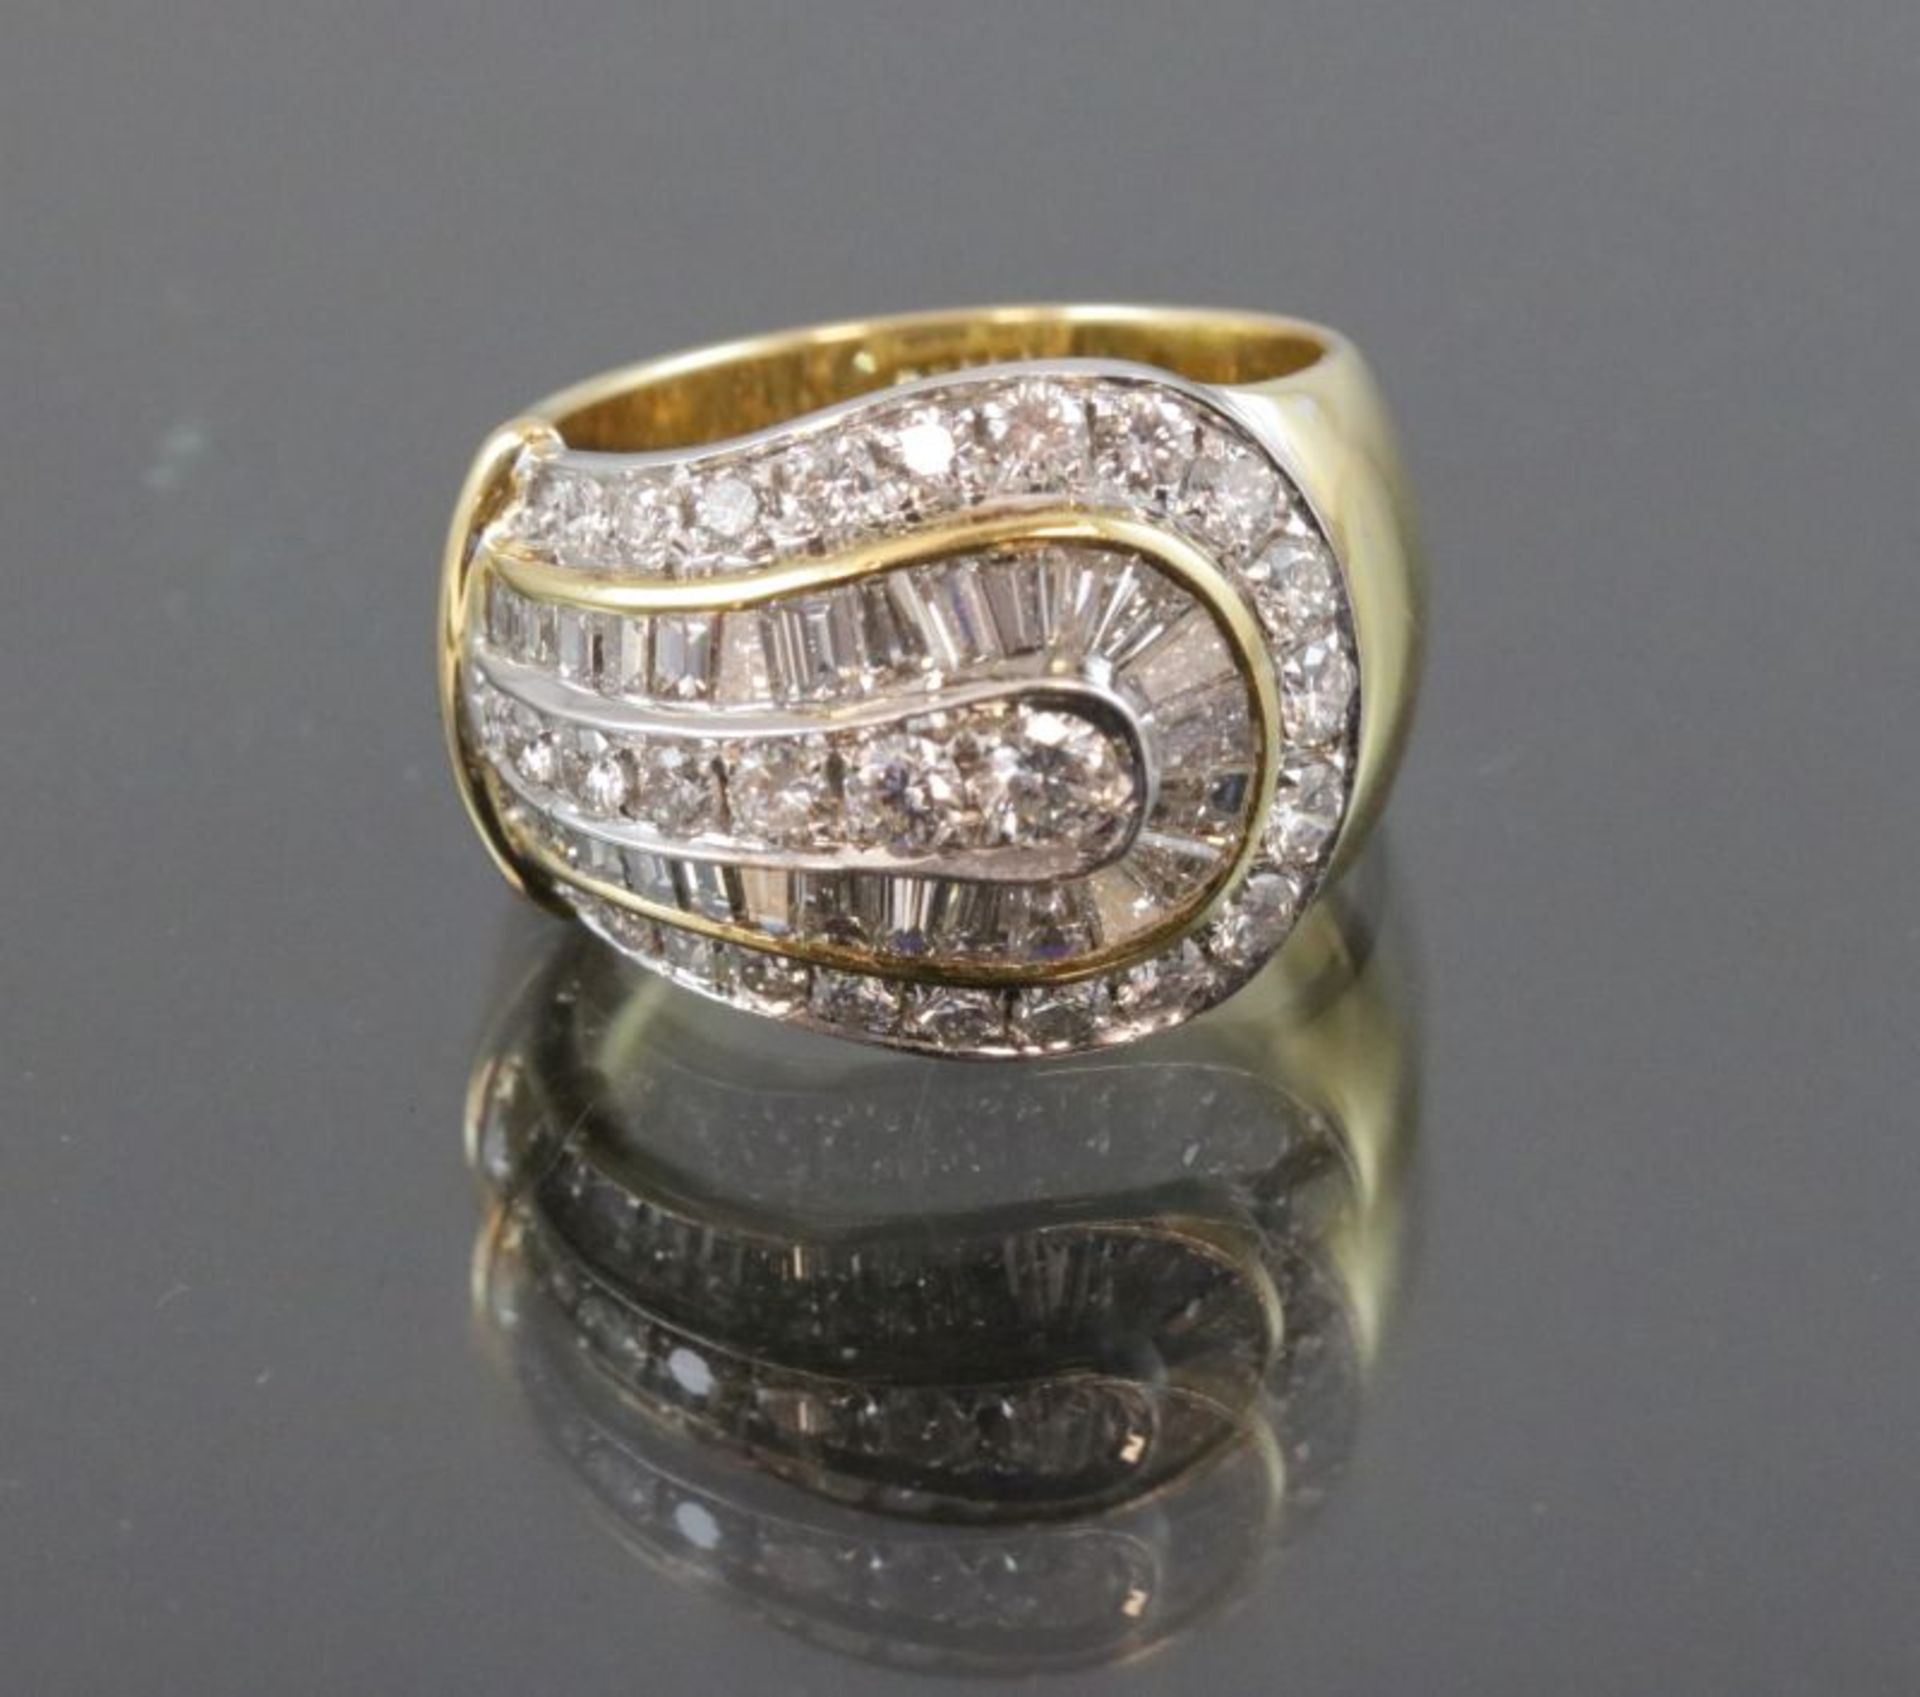 Brillant-Ring, 750 Gelbgold13 Gramm Brillanten/Diamanten, 2,89 ct., w/vsi. Ringgröße: 56Schätzpreis: